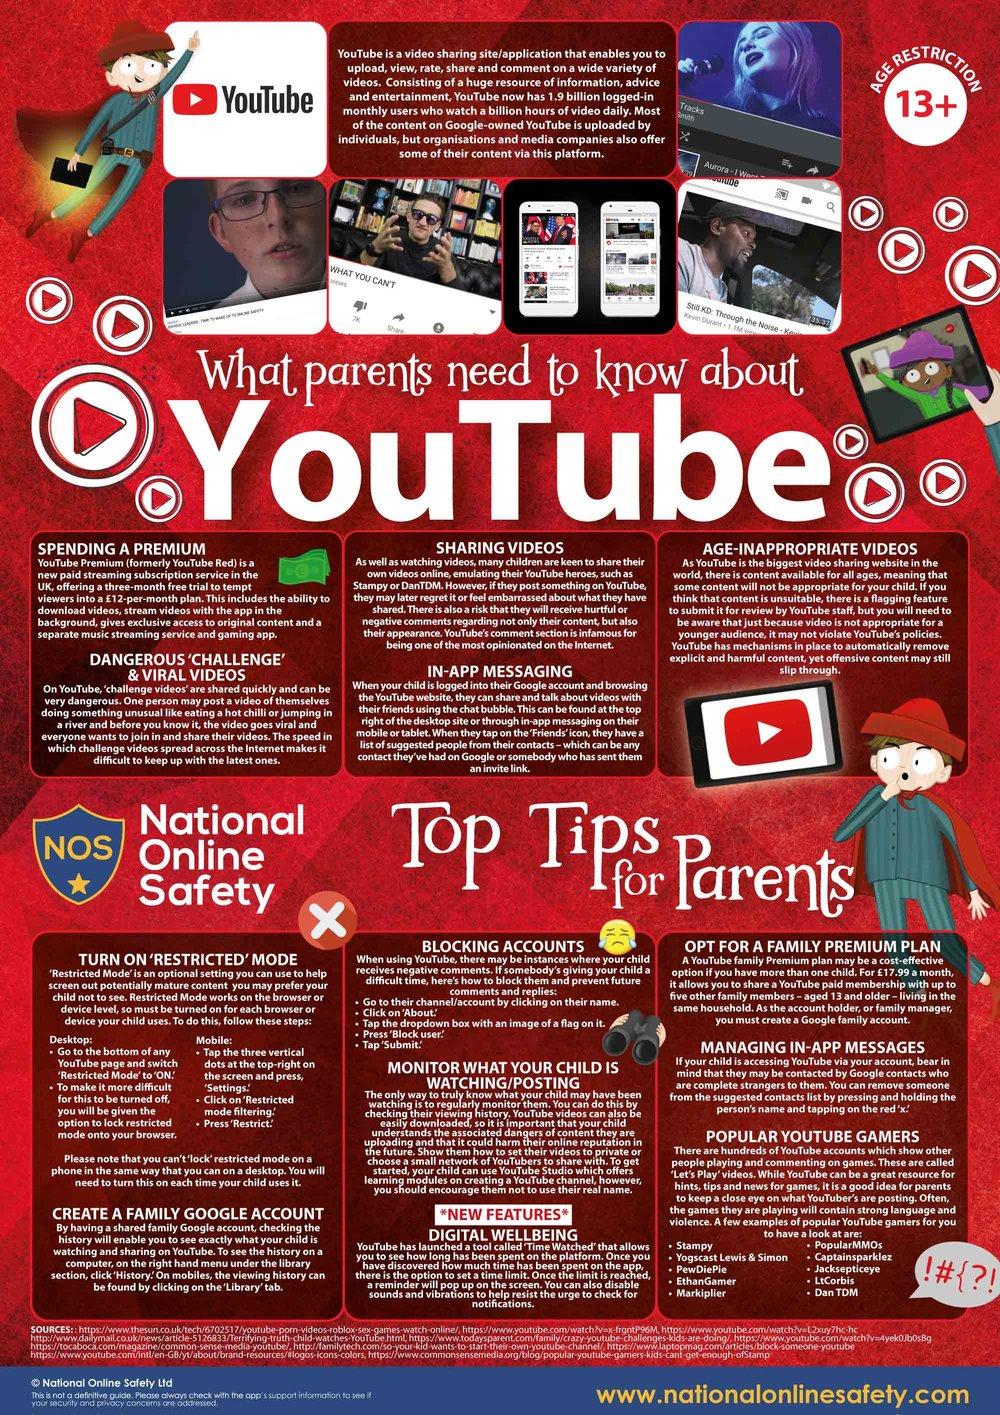 Youtube-Parents-Guide-September-2018.jpg